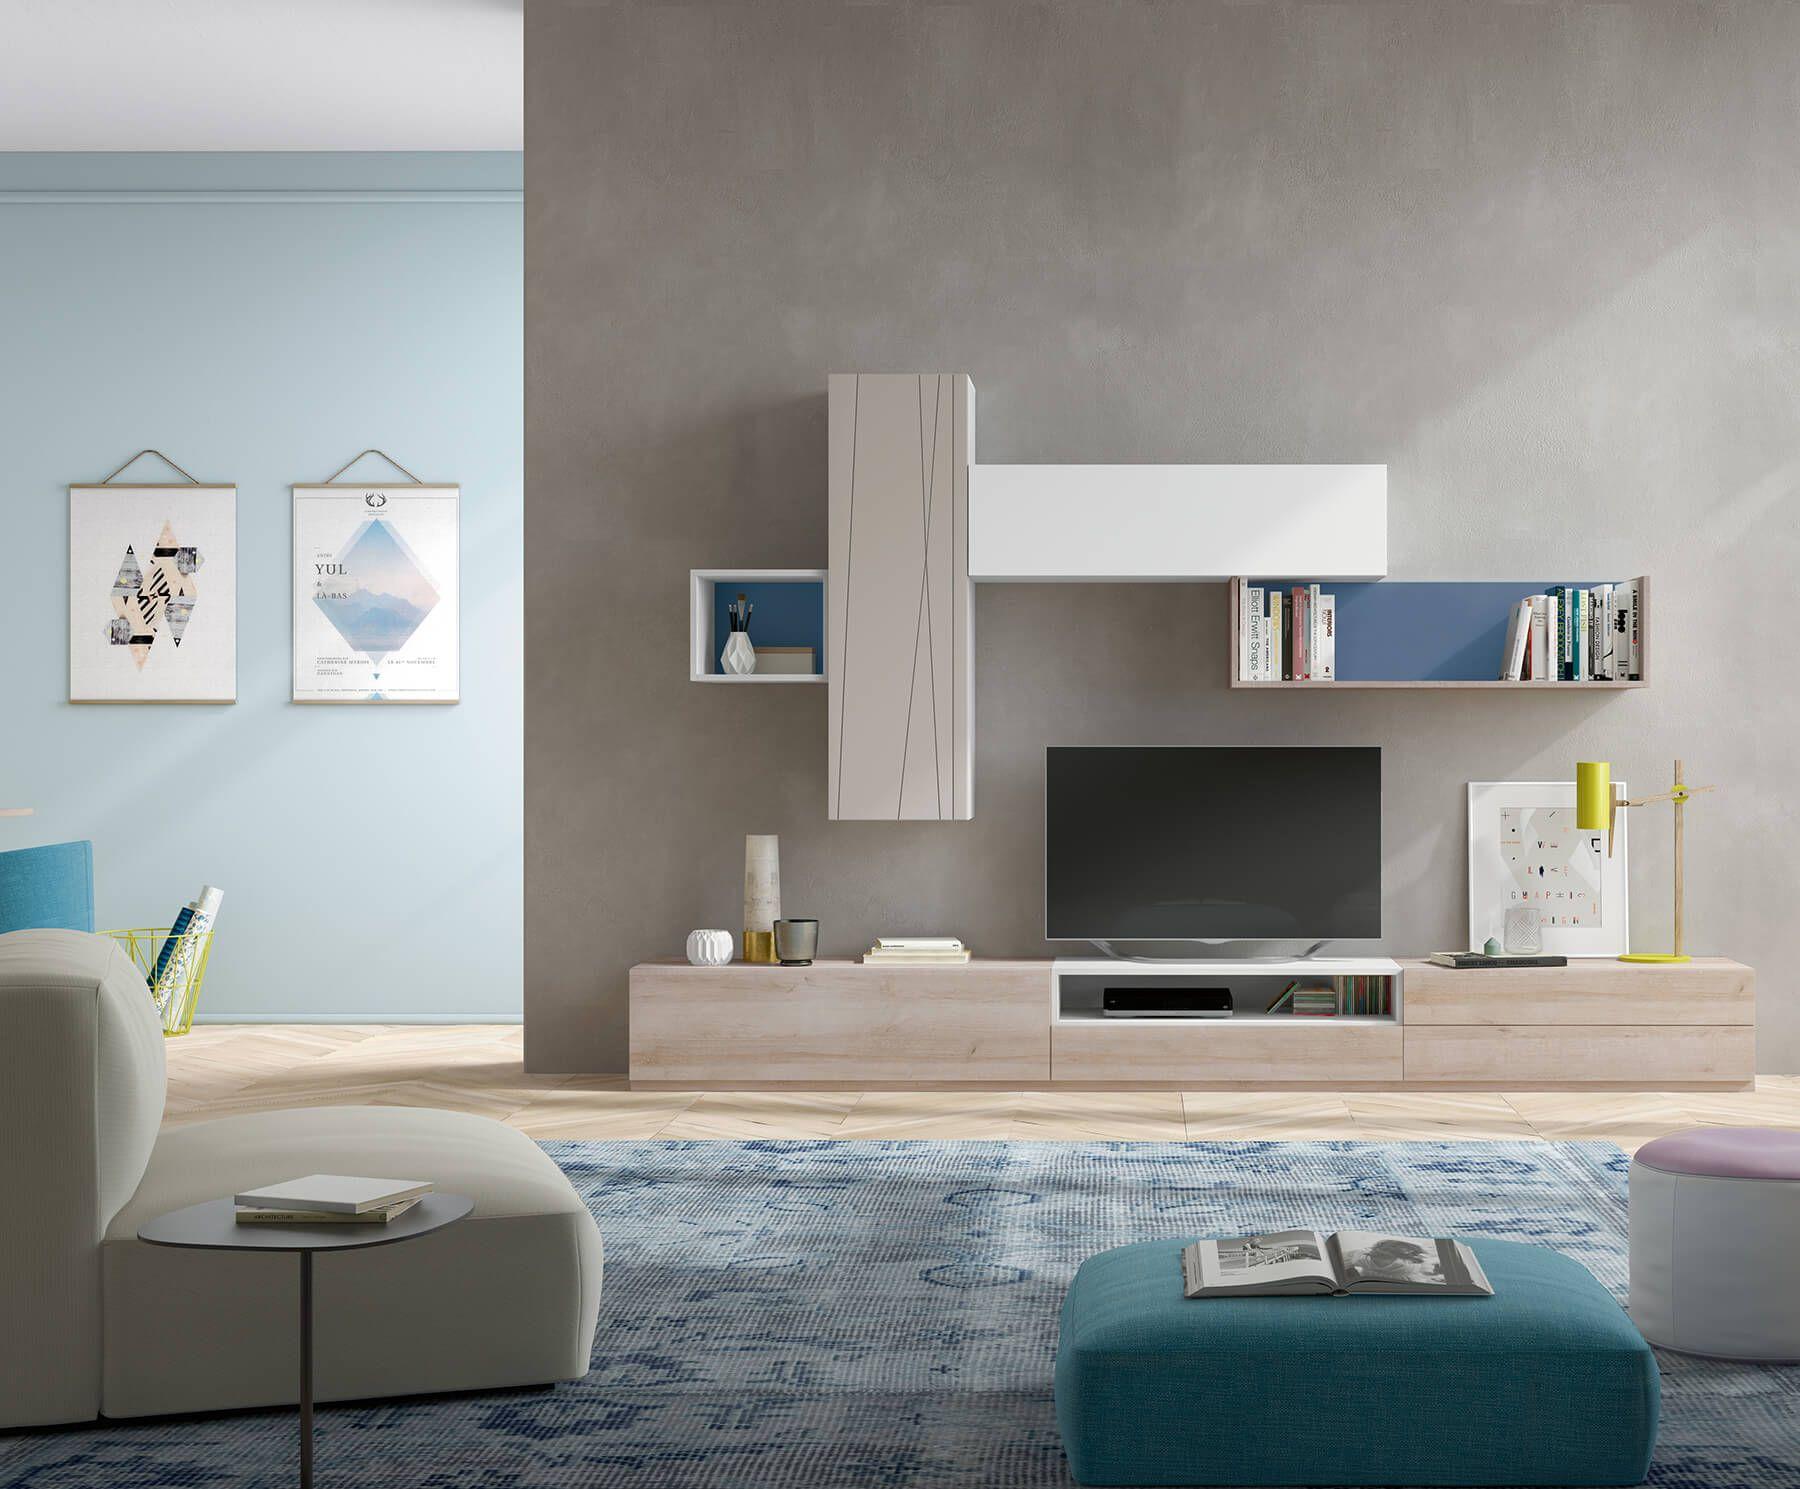 Salones modernos formados por muebles modulares de estilo ...